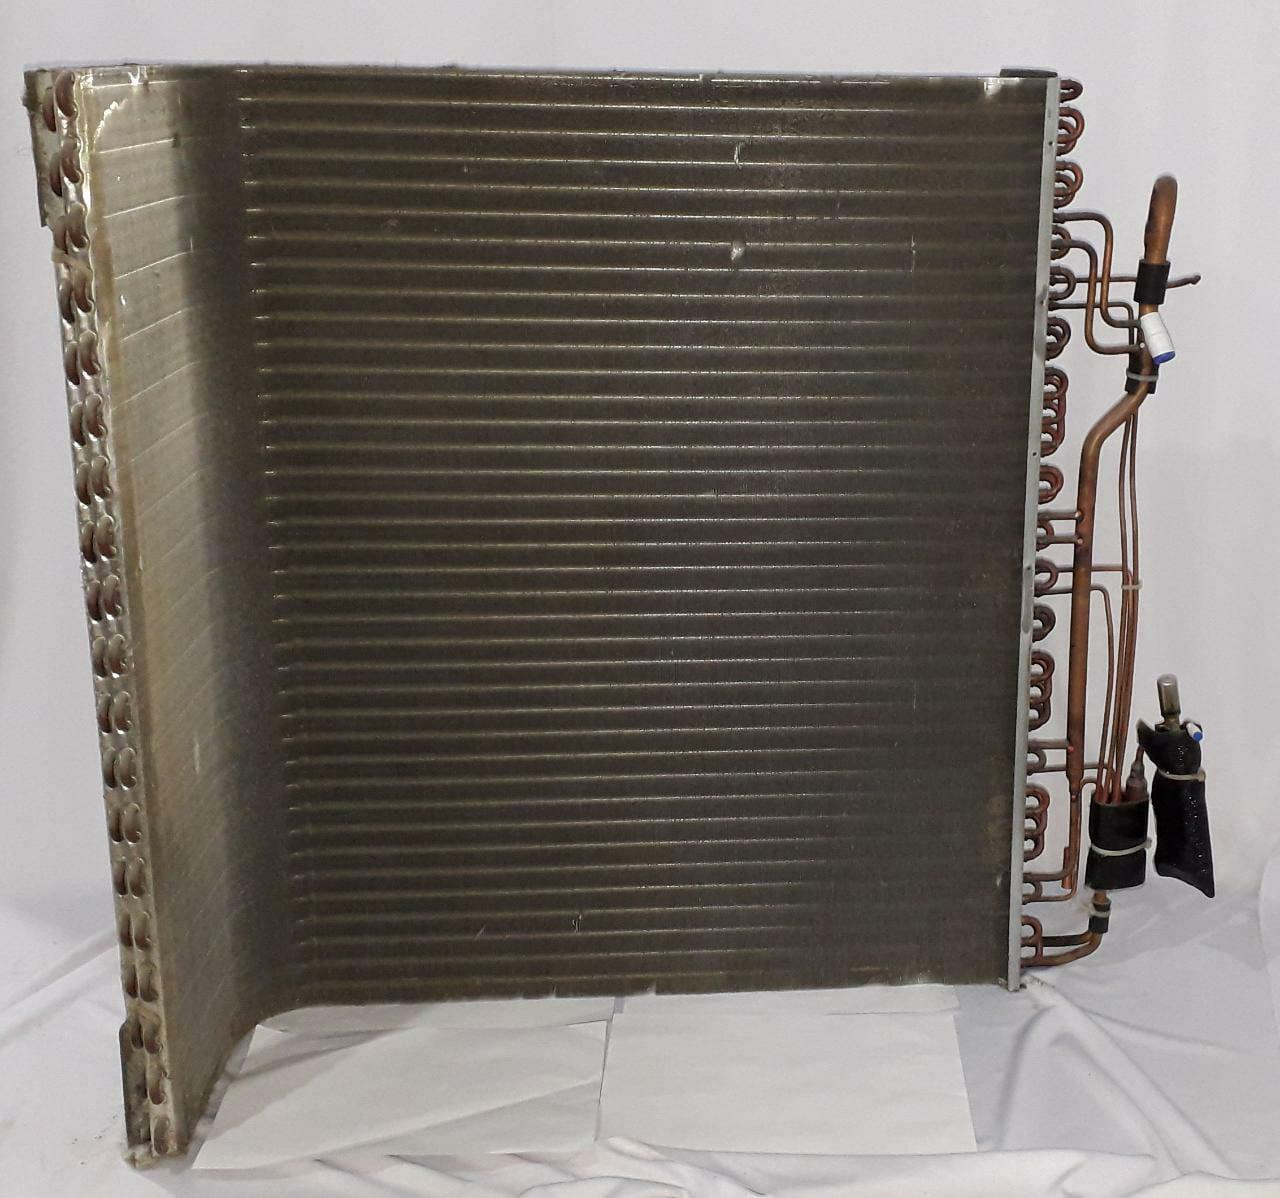 Serpentina Condensadora Fujitsu 30.000 btus AOBR30LCT ( USADO)